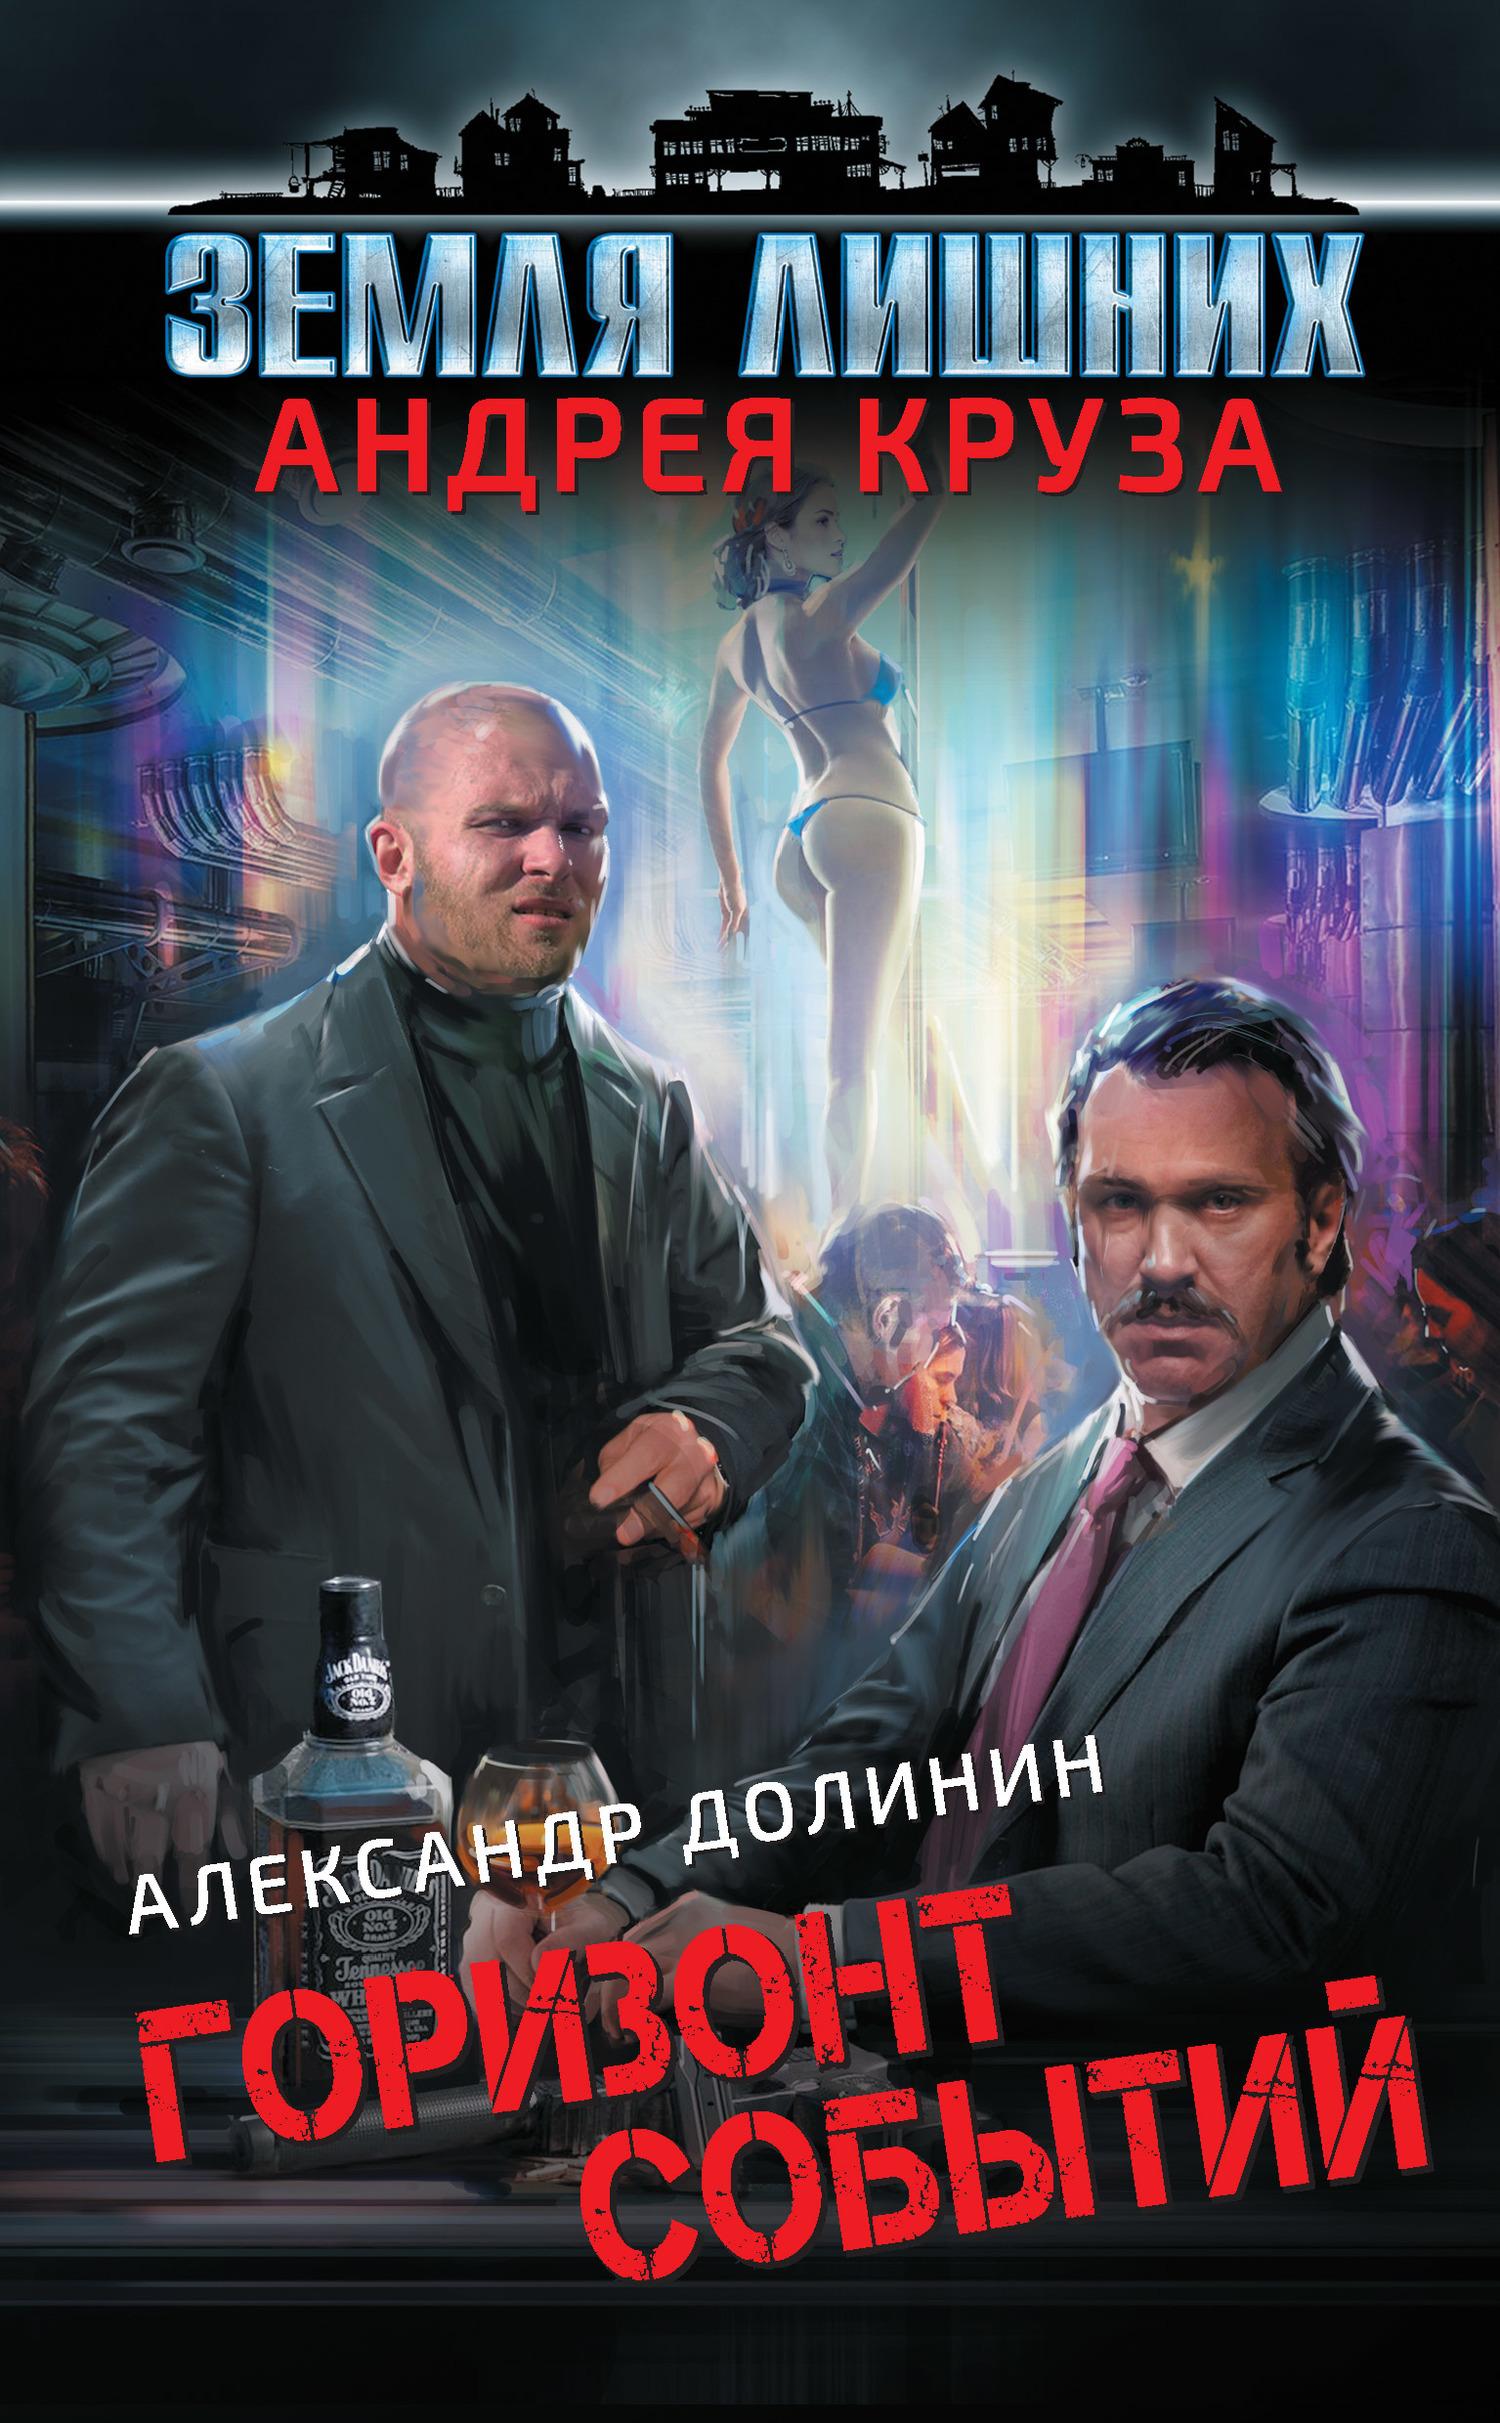 Александр Долинин - Земля лишних. Горизонт событий